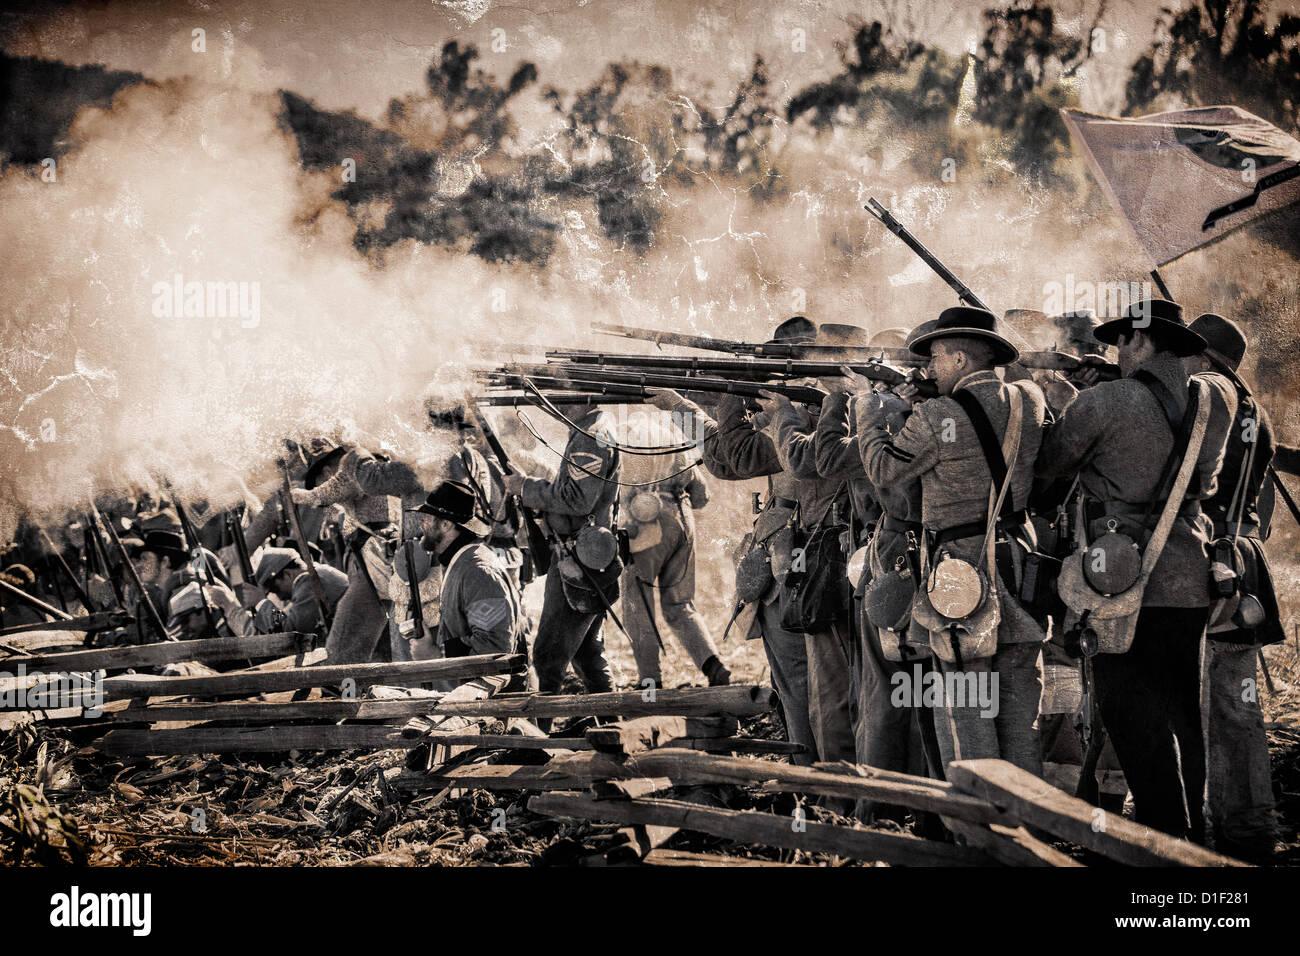 American Civil War Reenactment. - Stock Image